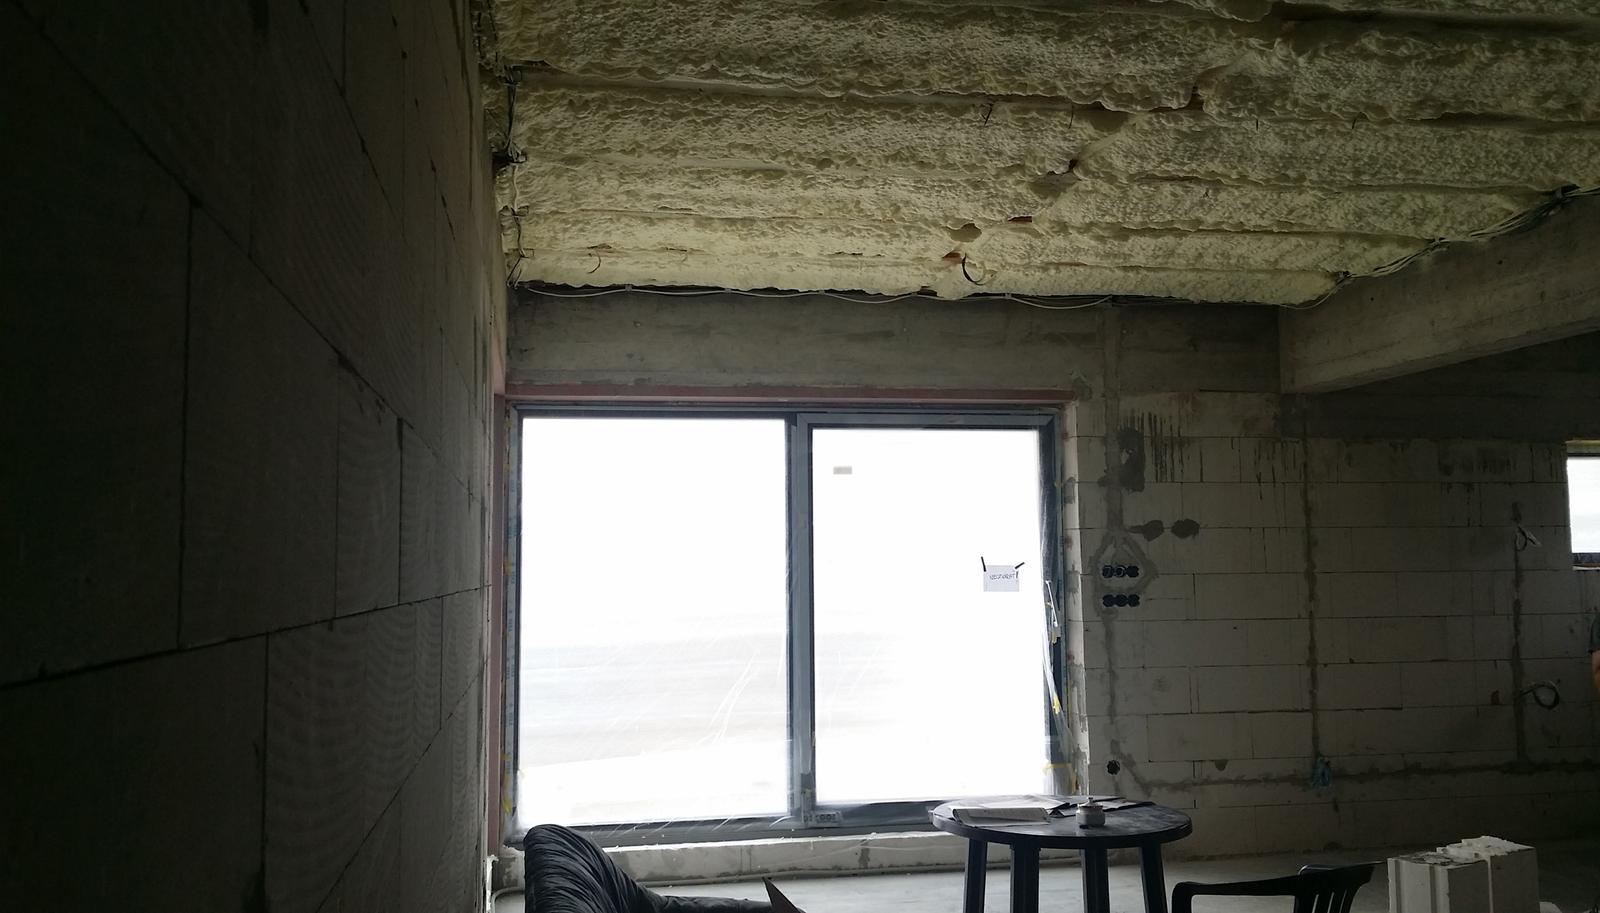 Inšpirovaný MUZOu - Oblačno, miestami pena - obývačka